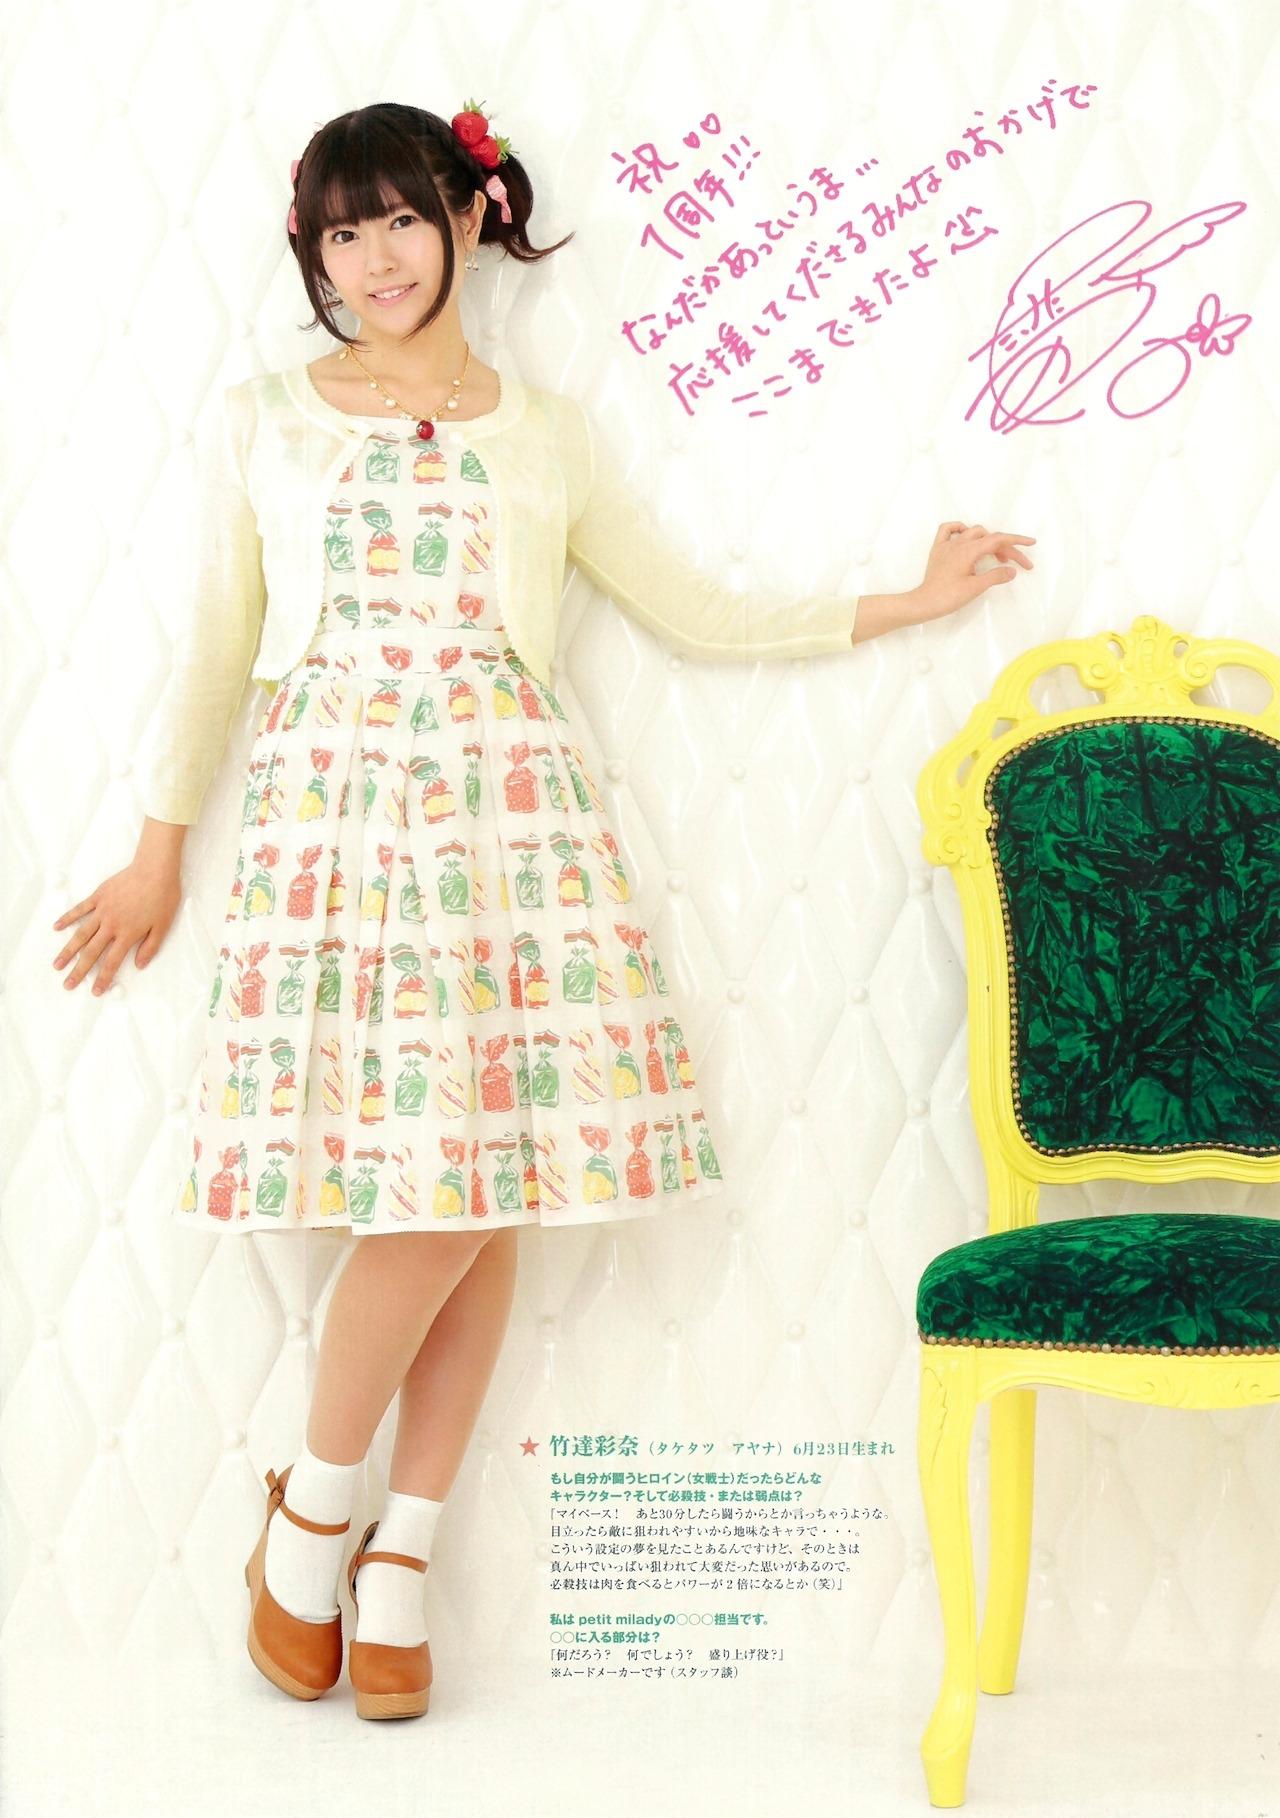 yuuki_aoi034.jpg